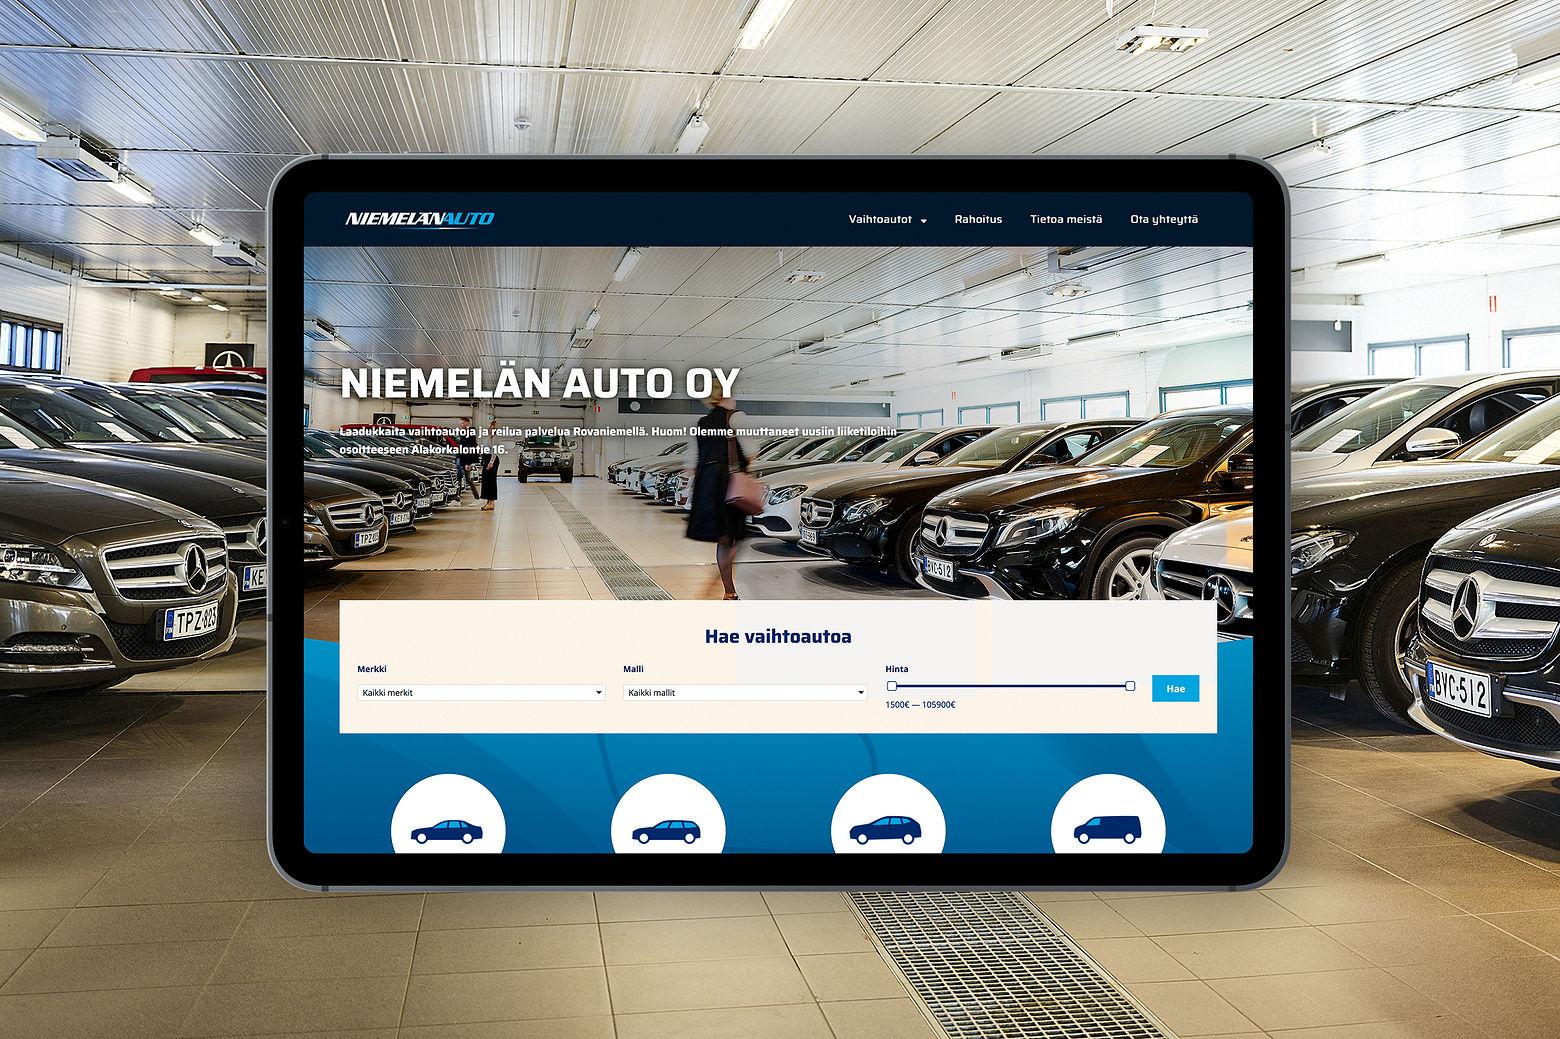 Niemelän auton nettisivuston etusivu tuotehakuineen